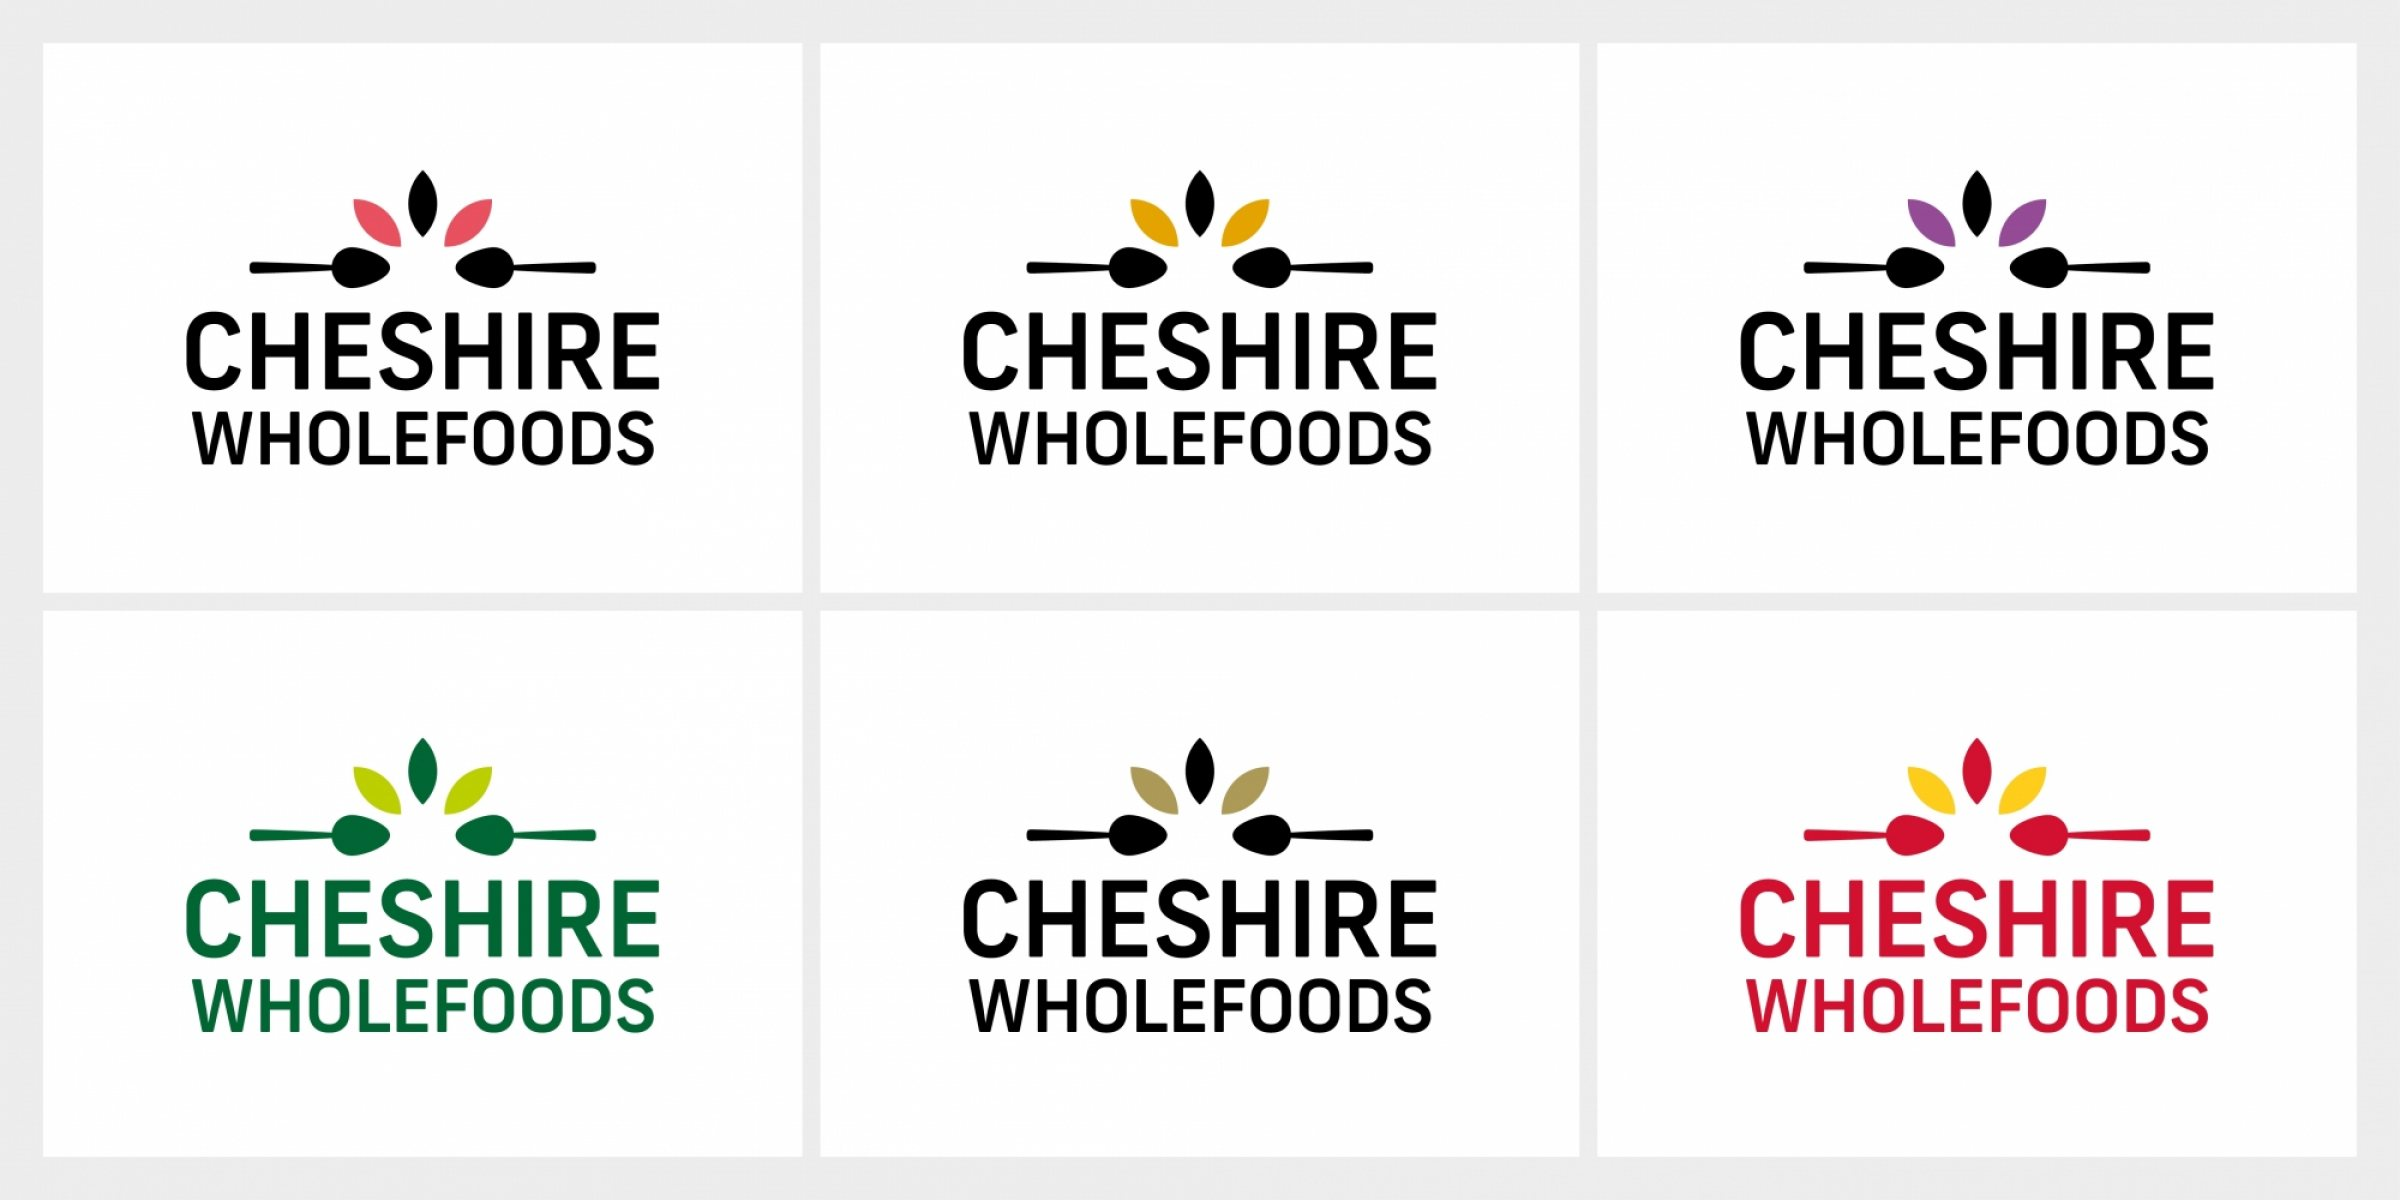 Cheshire Wholefoods Branding And Logo